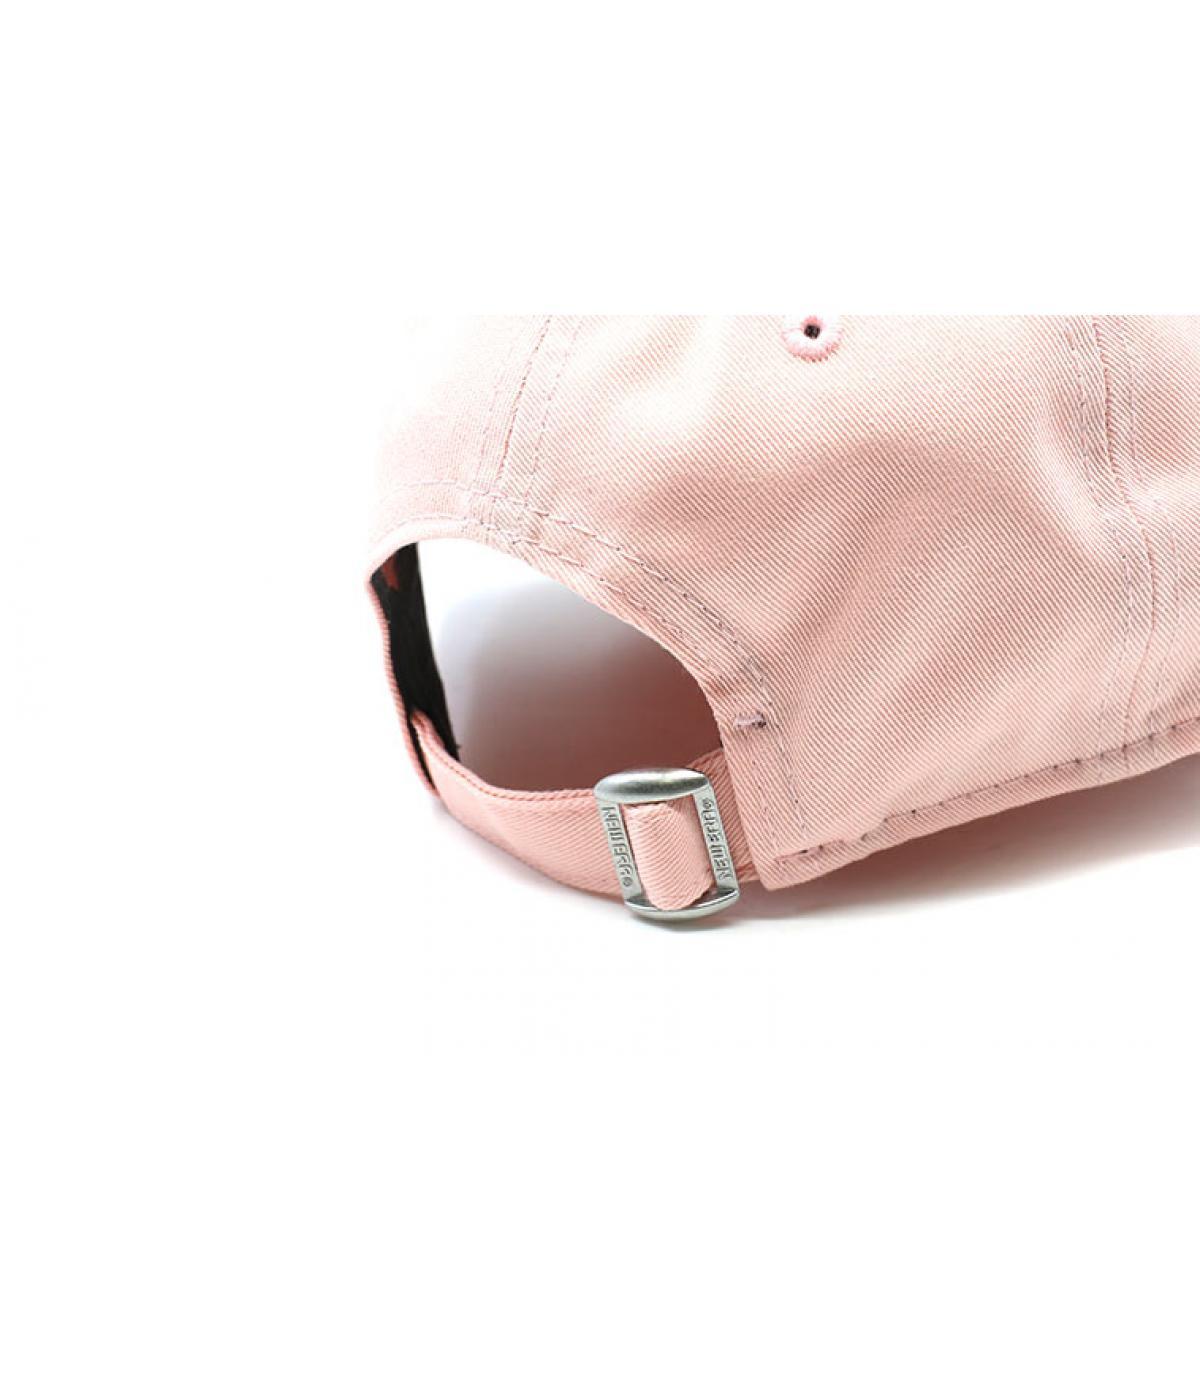 Dettagli Wmns League Ess LA 9Forty pink - image 5